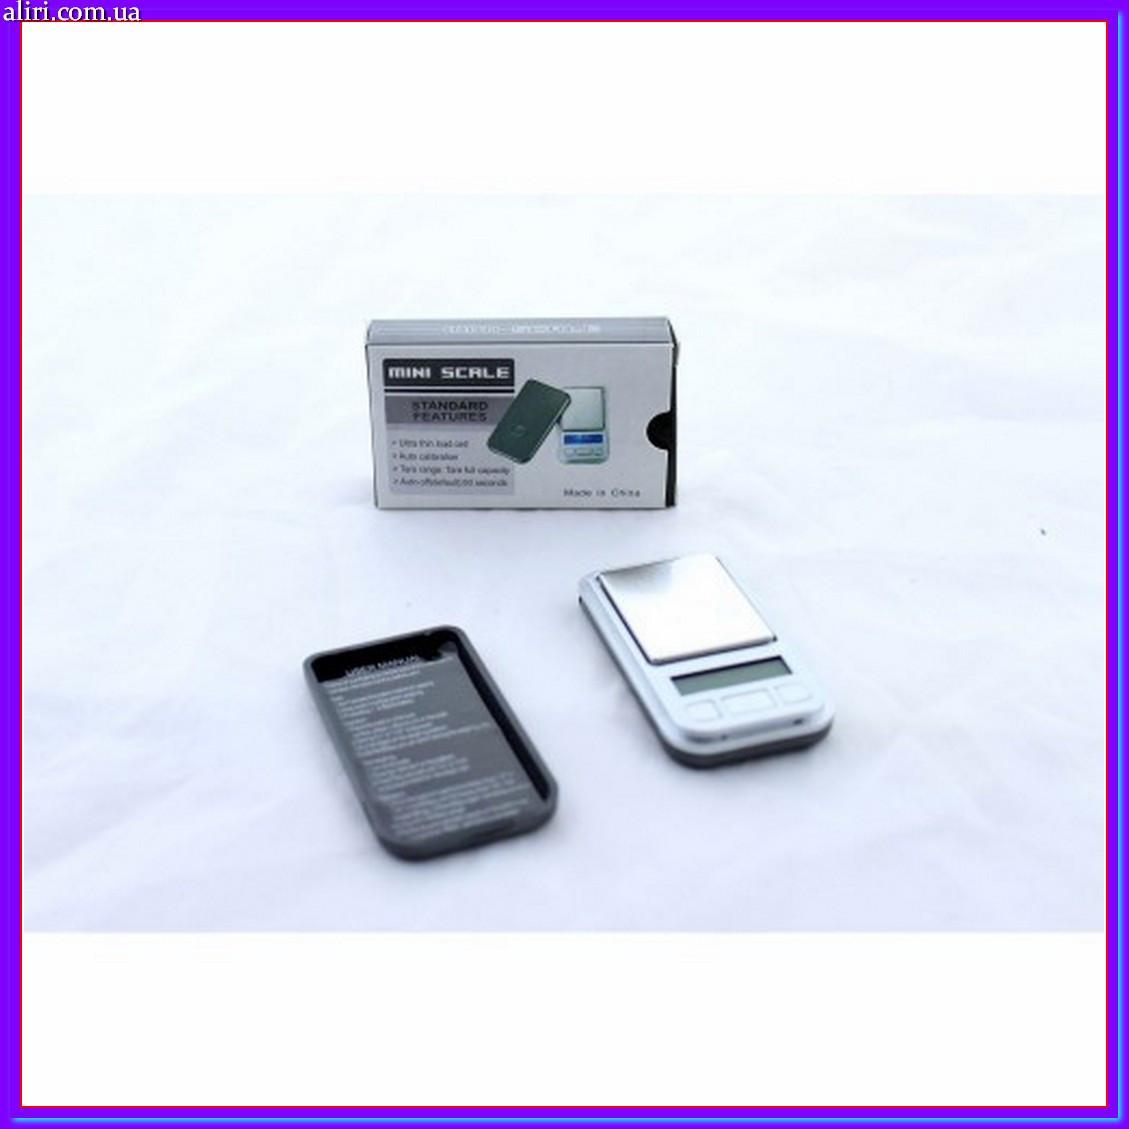 Высокоточные ювелирные карманные мини весы 0,01 - 200 гр